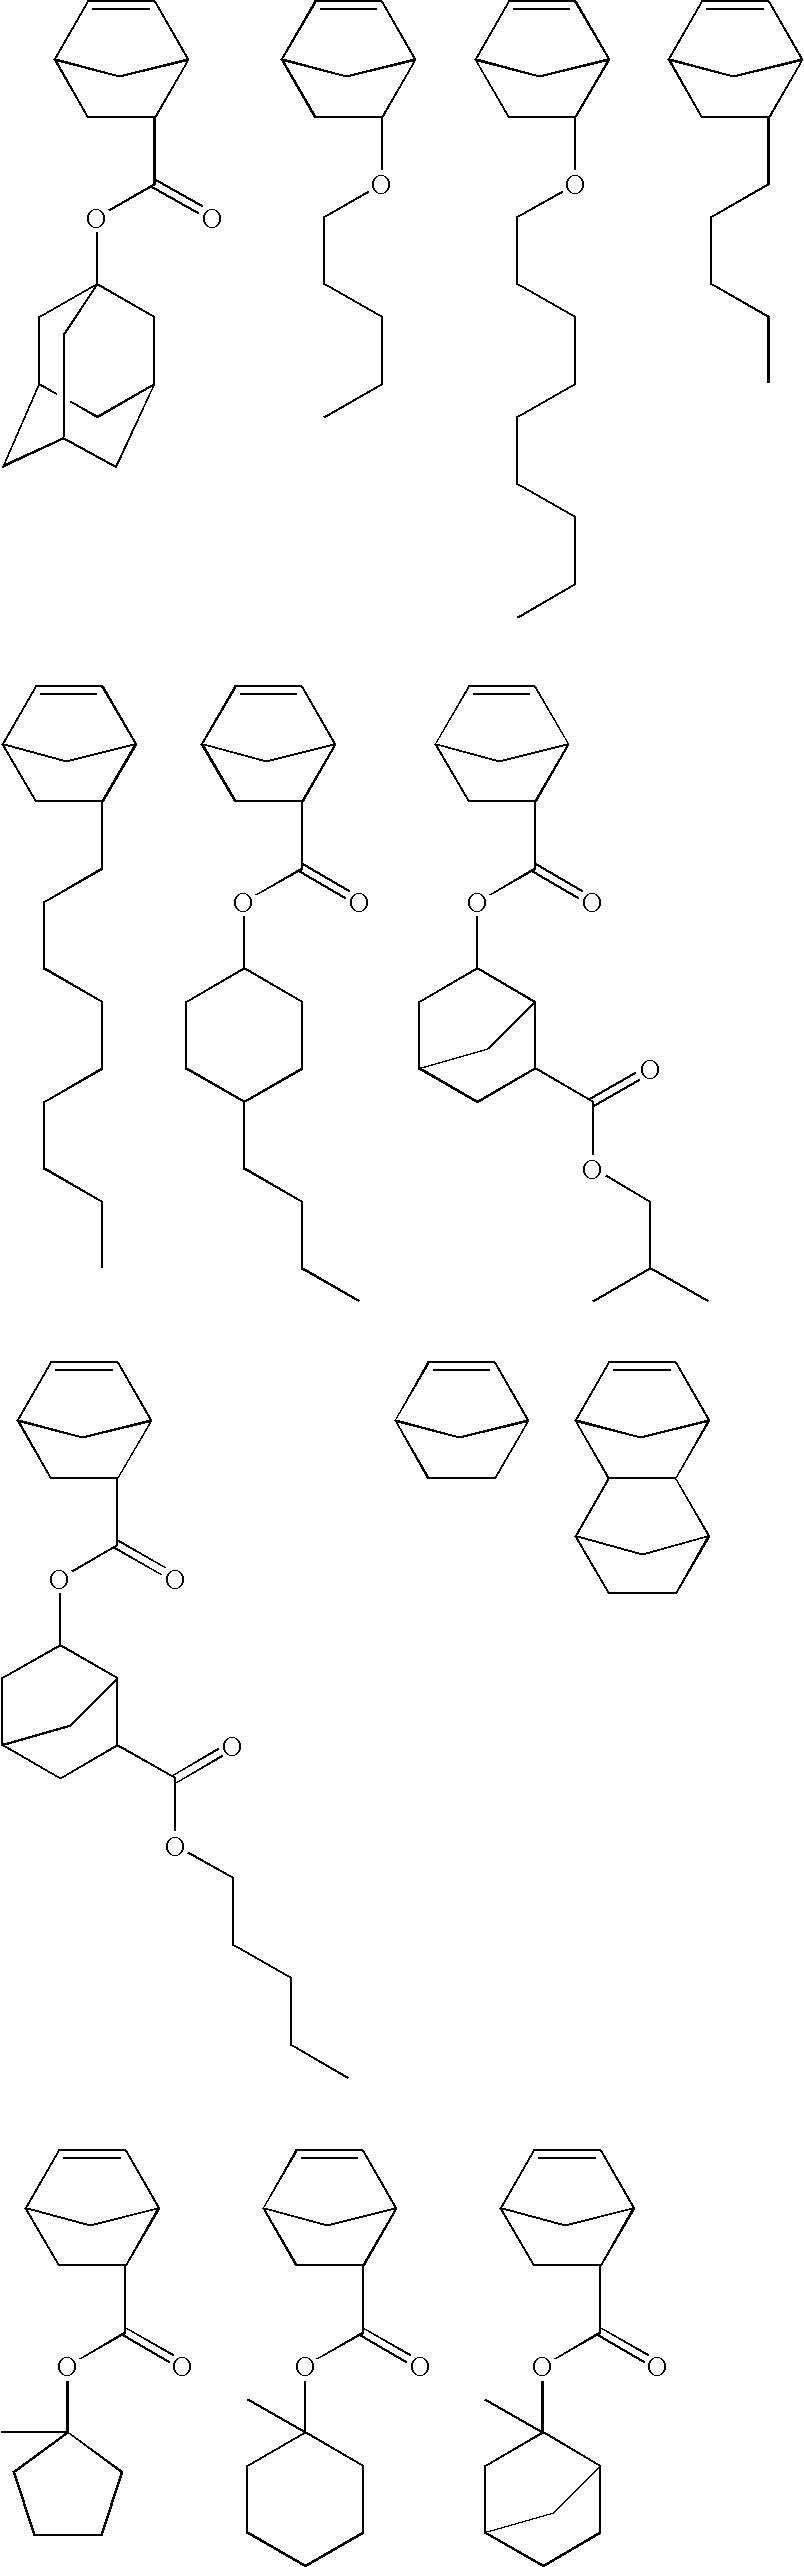 Figure US20090011365A1-20090108-C00098